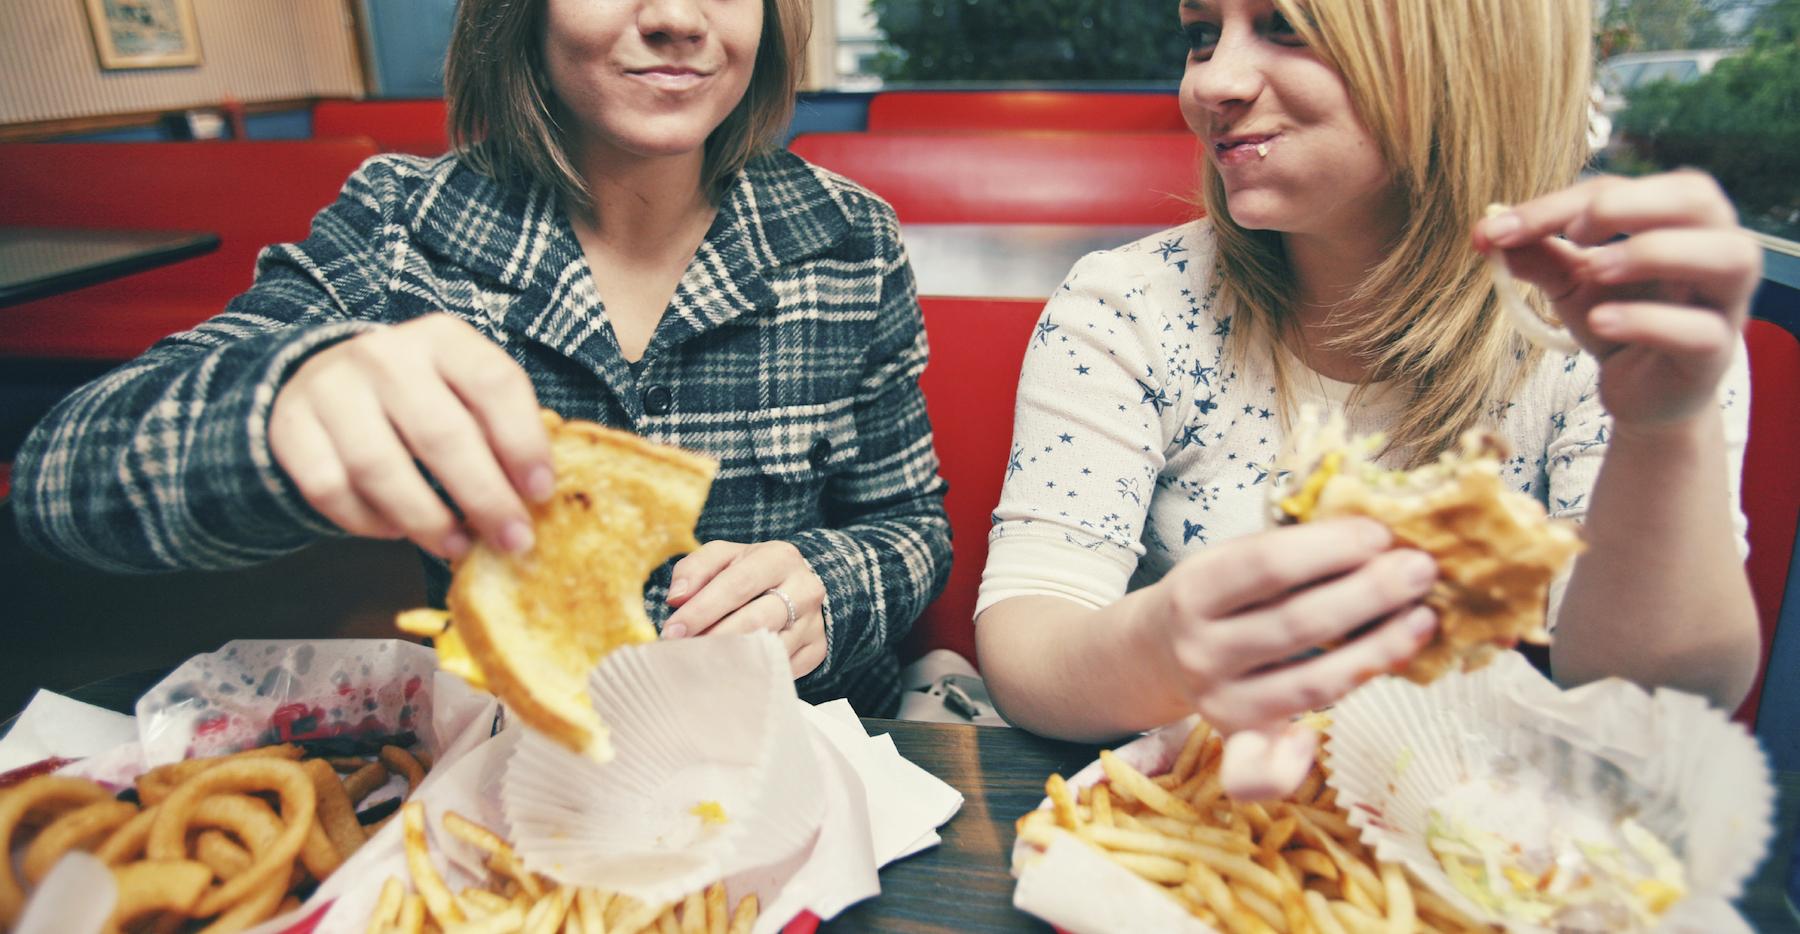 21 июля - национальный день вредной еды. Фото: greatist.com